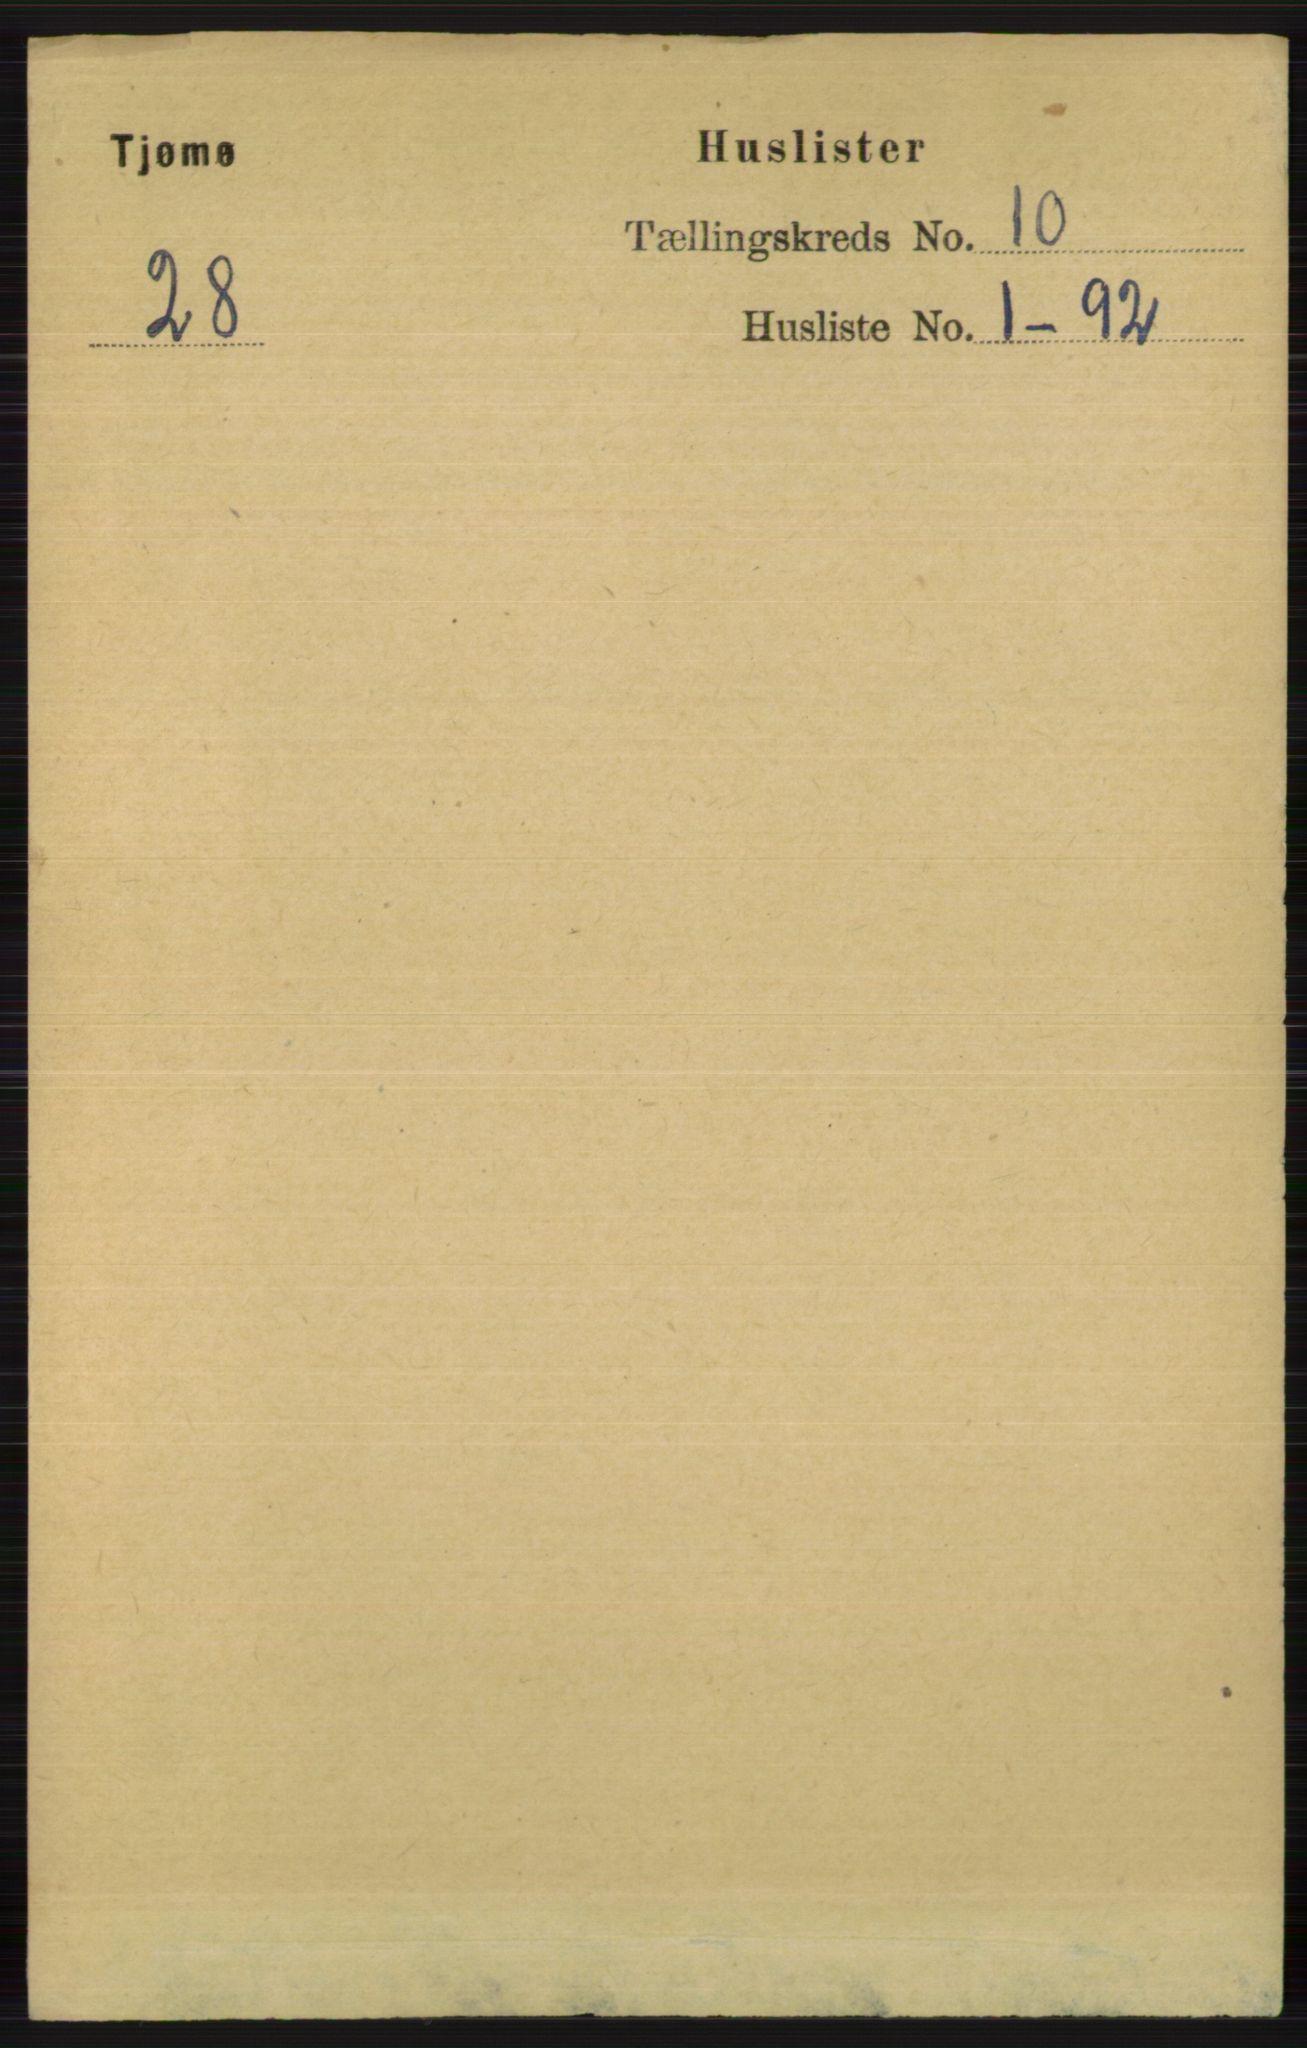 RA, Folketelling 1891 for 0723 Tjøme herred, 1891, s. 3624